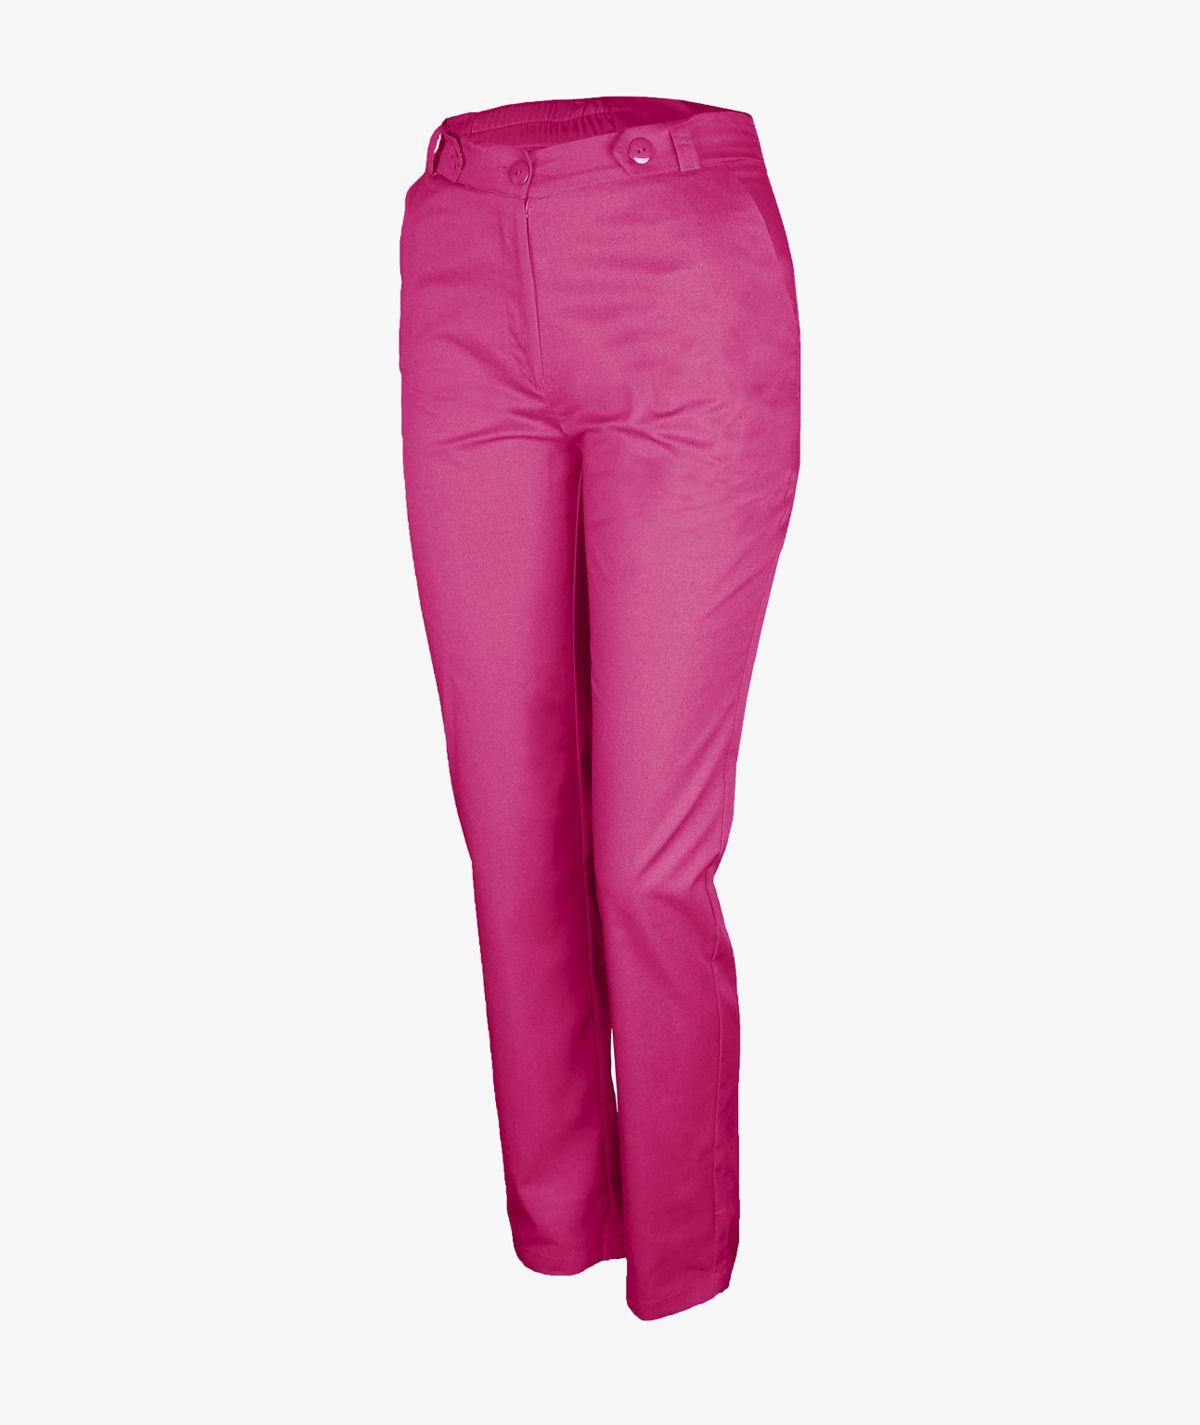 Malinowe spodnie medyczne Mira